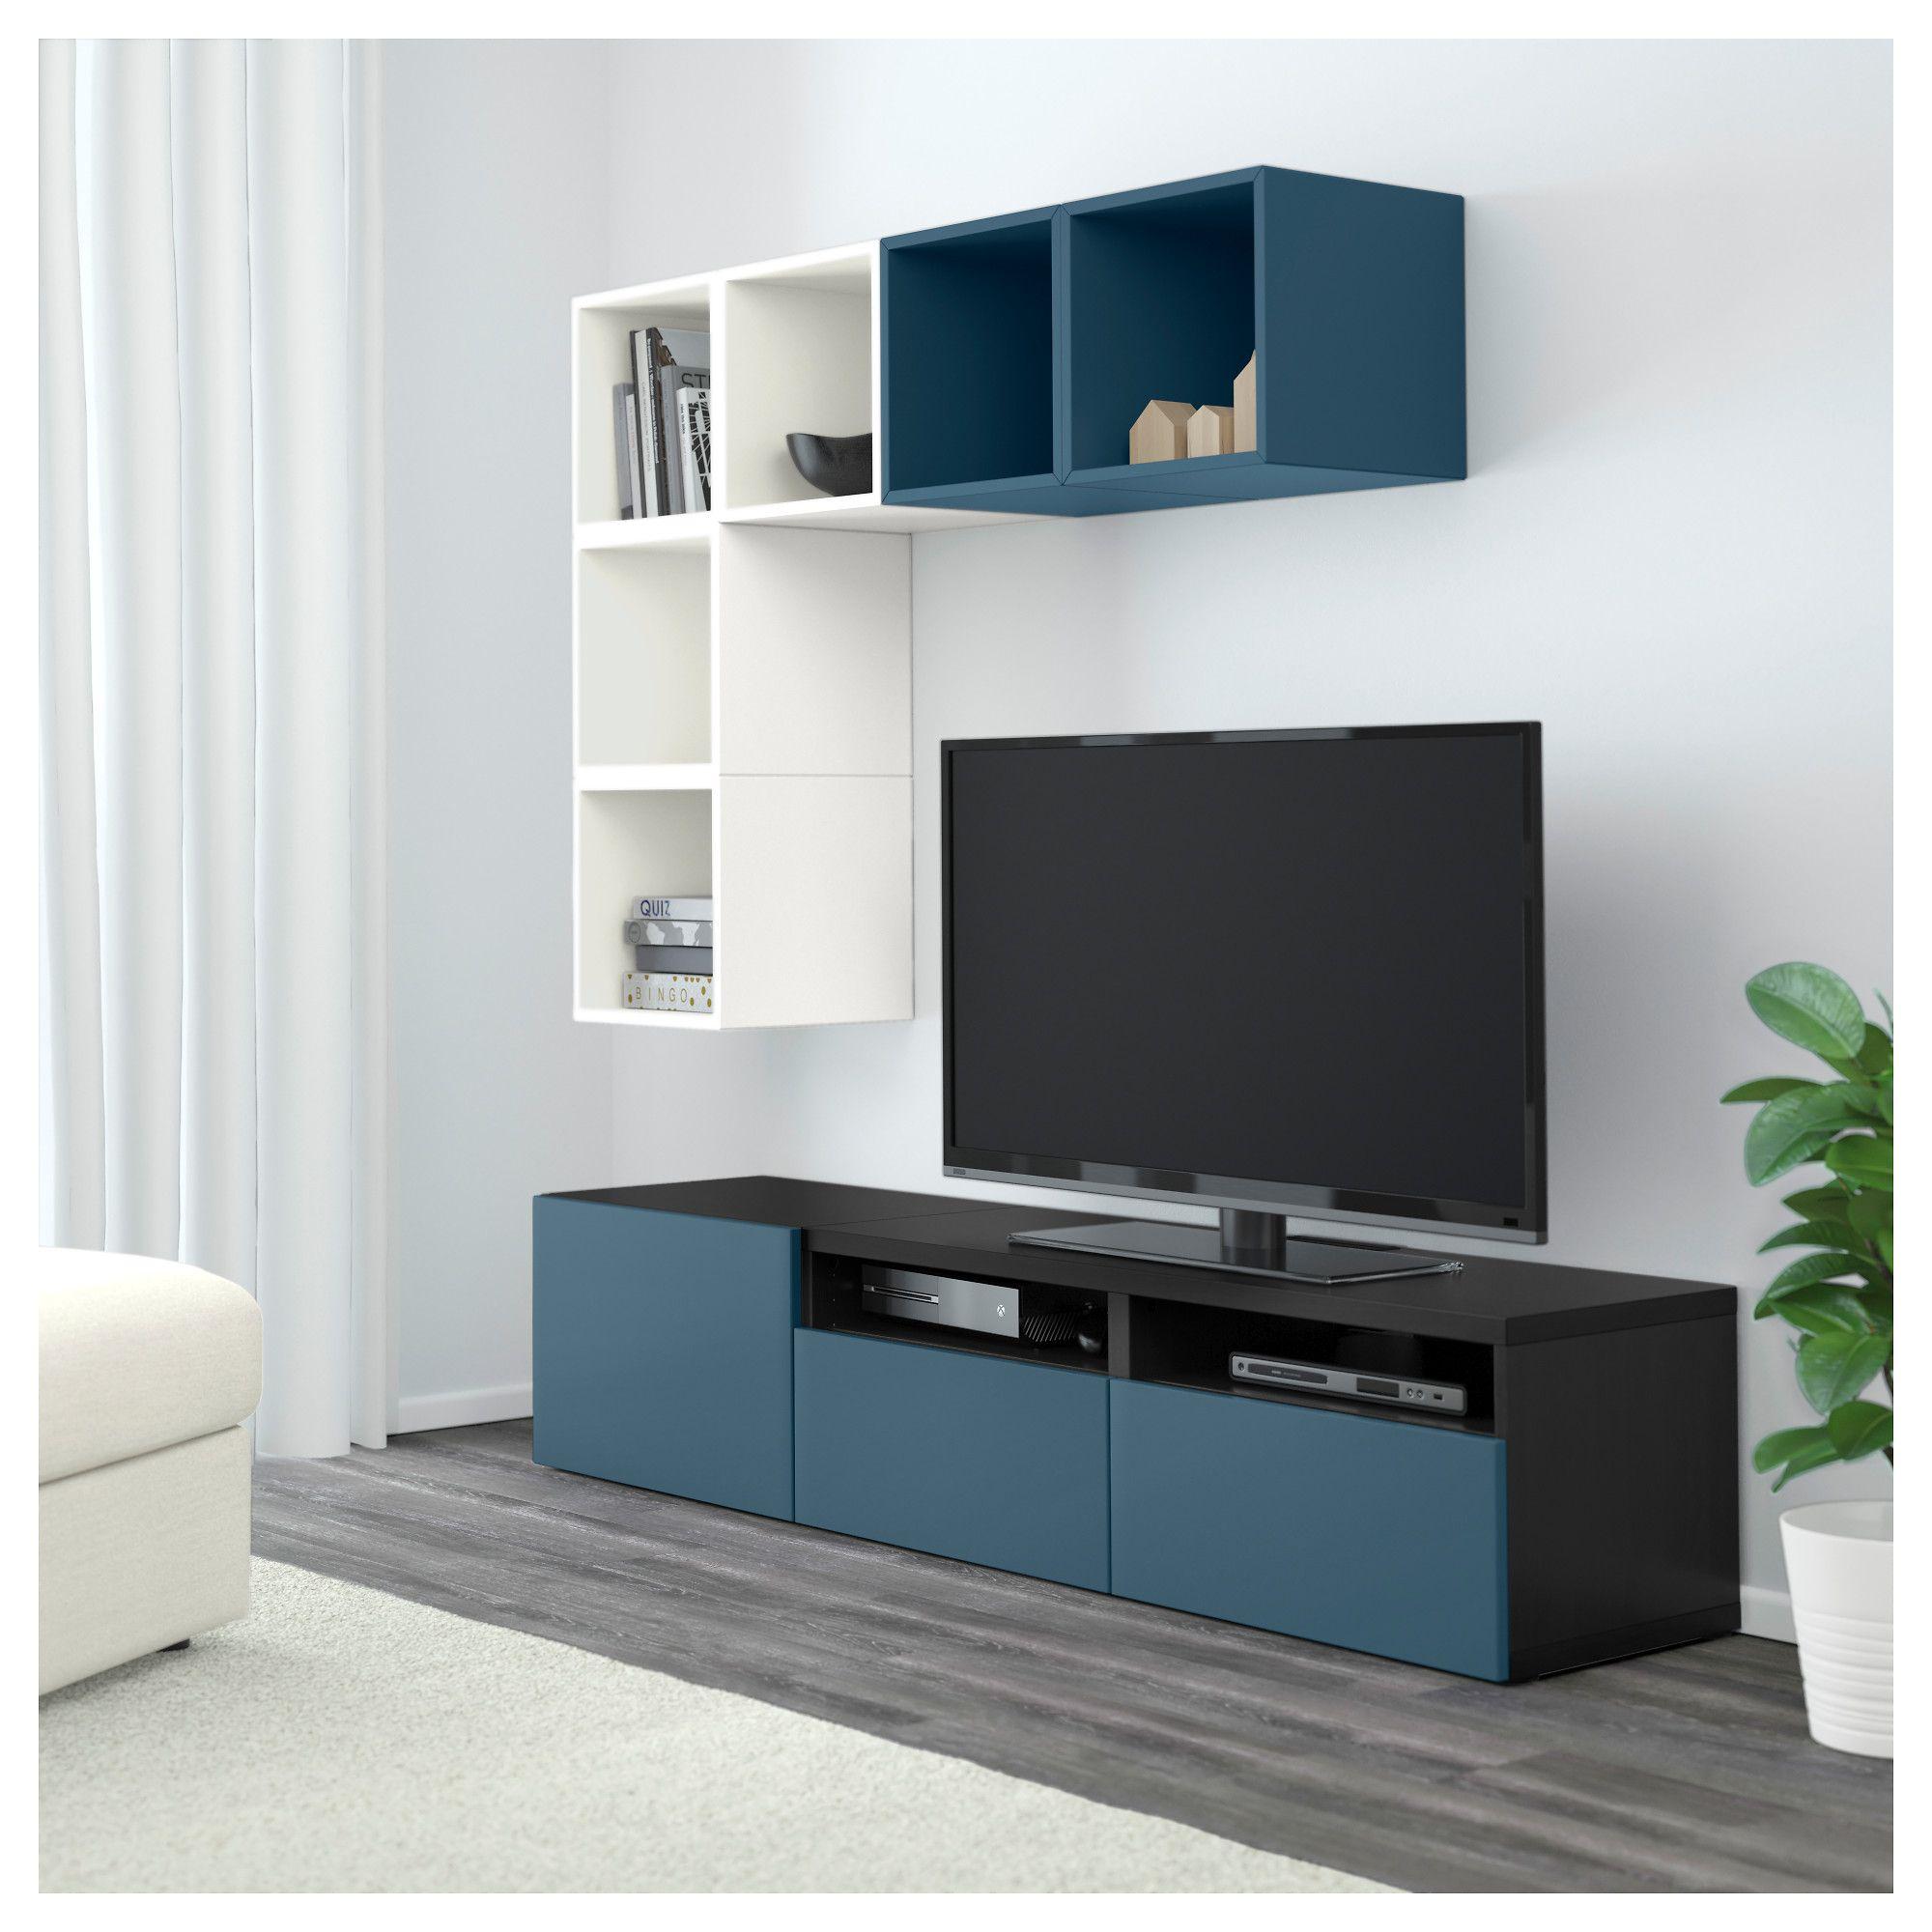 Ikea Besta Eket Tv Storage Combination White Black Brown Dark